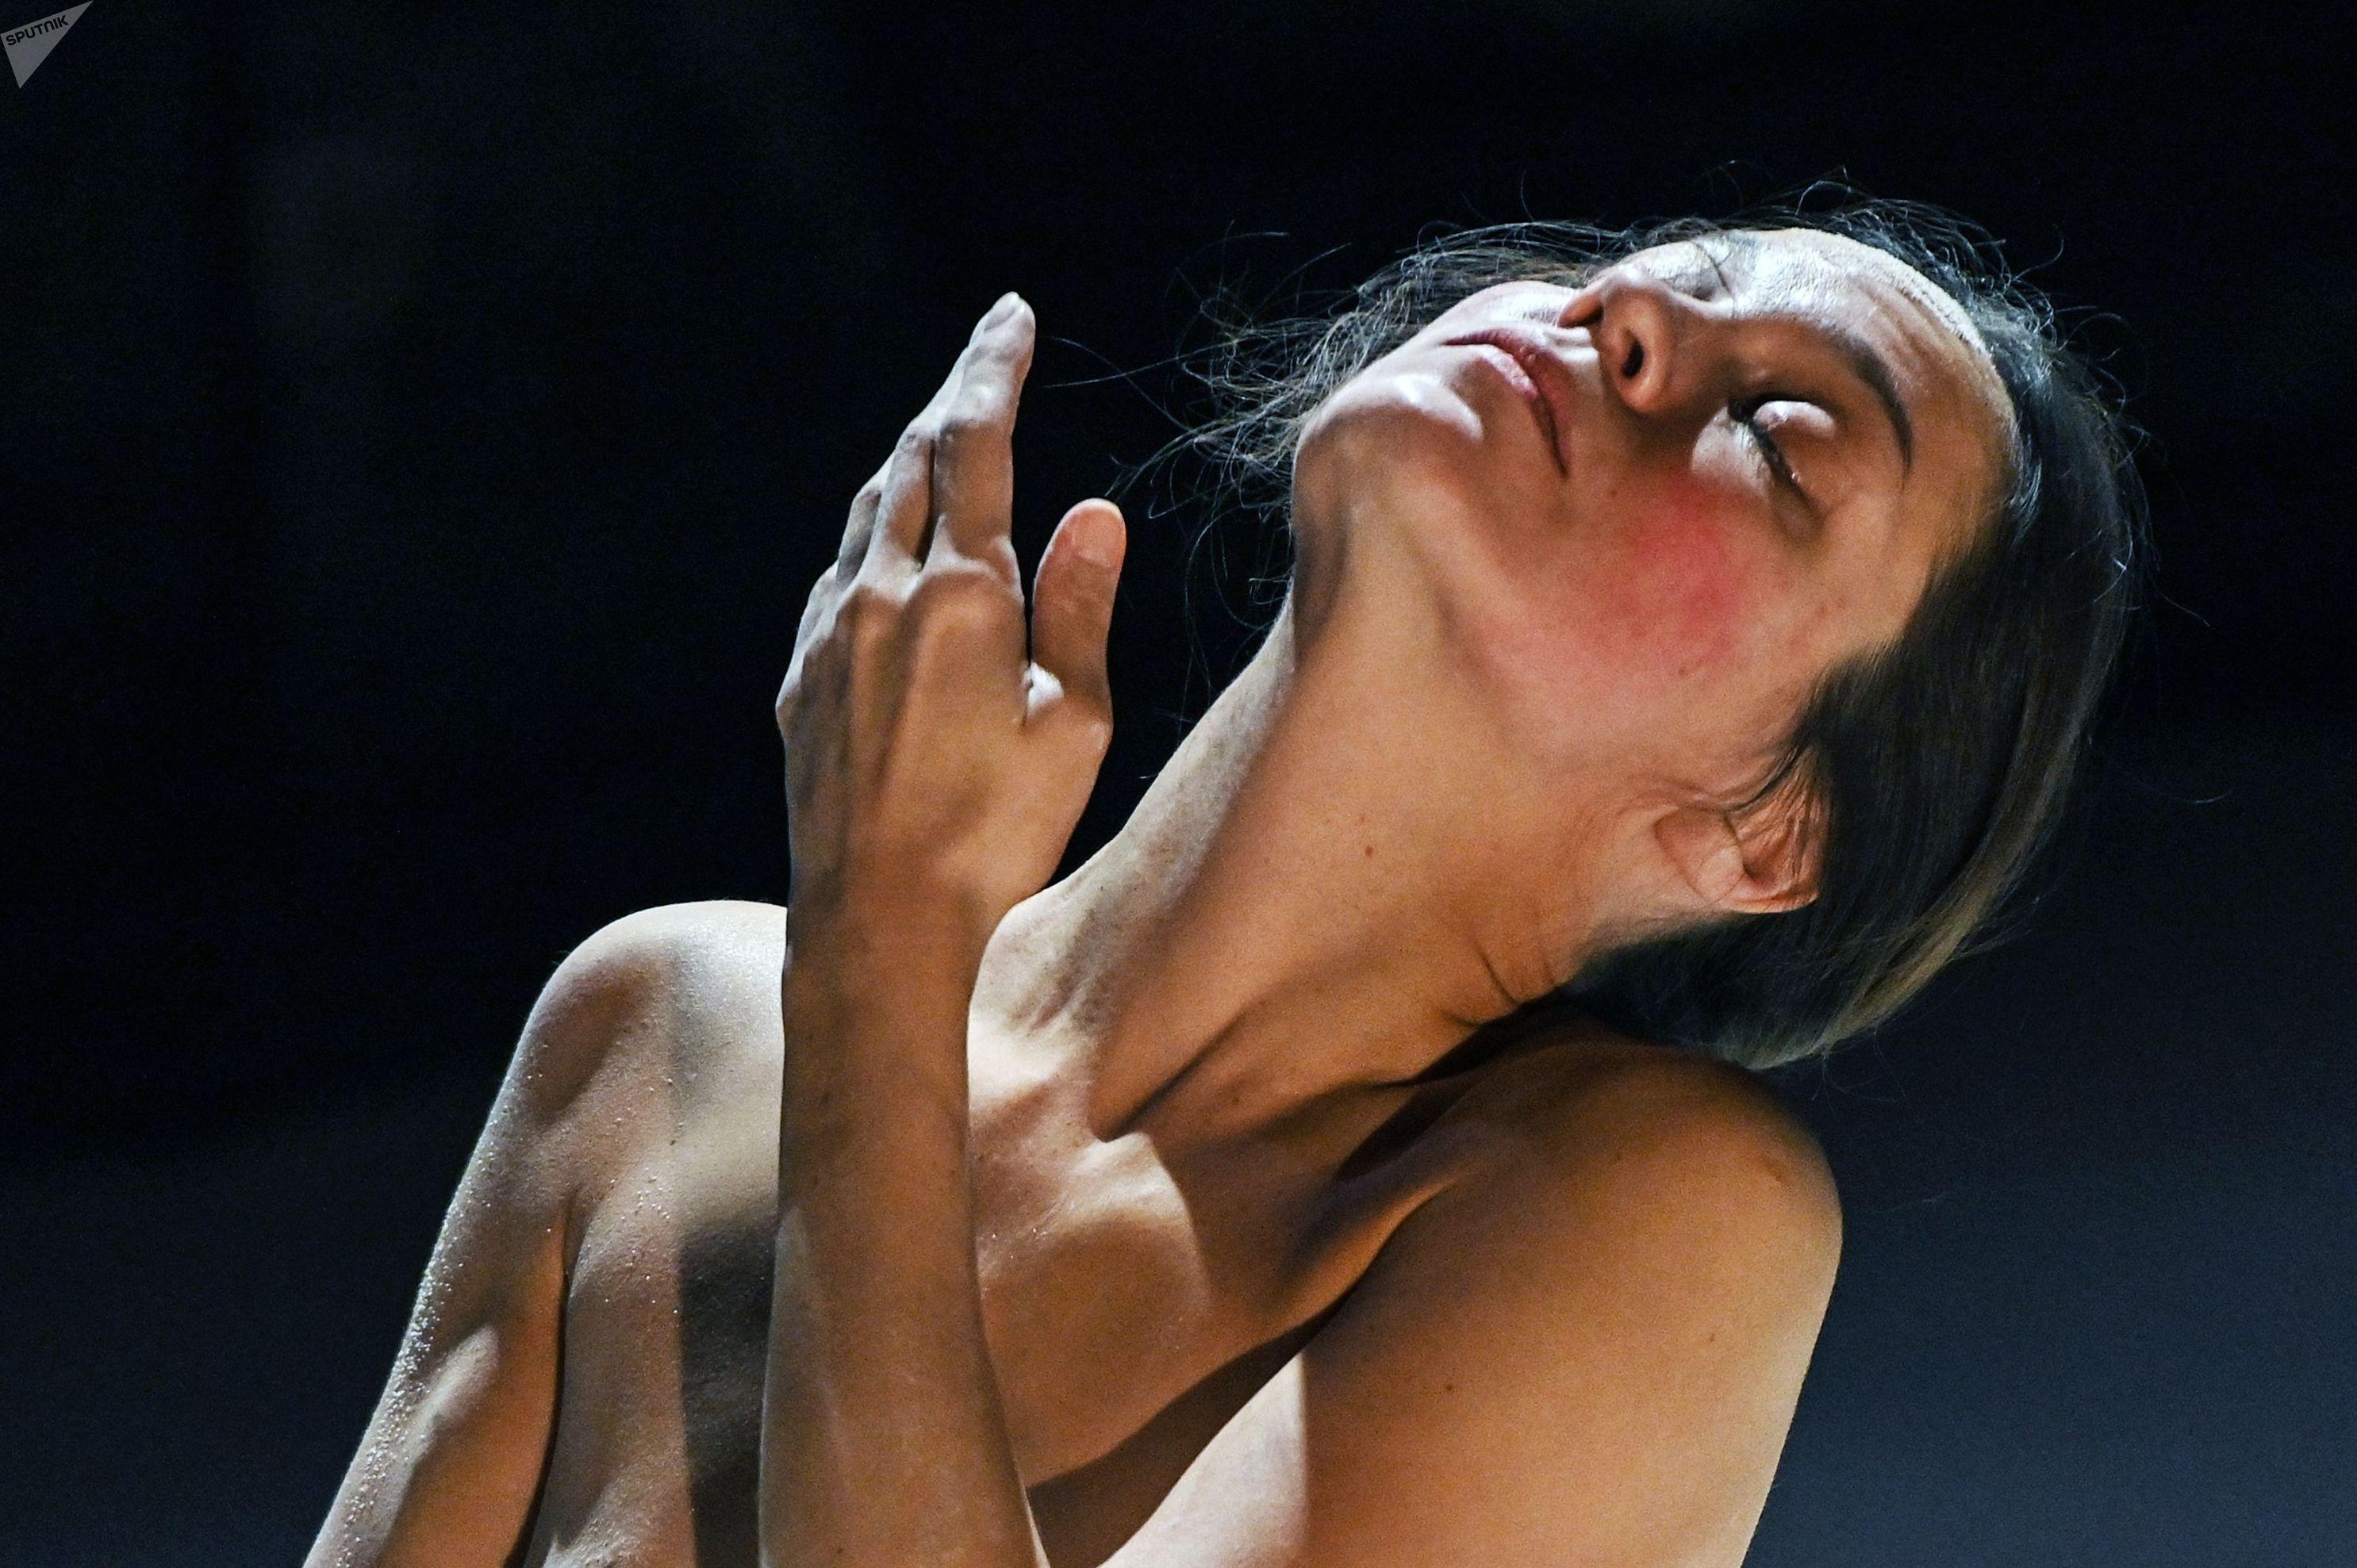 Танцовщица Анна Гарафеева исполняет сольный хореографический перформанс Камилла на сцене общественного центра им. Андрея Сахарова